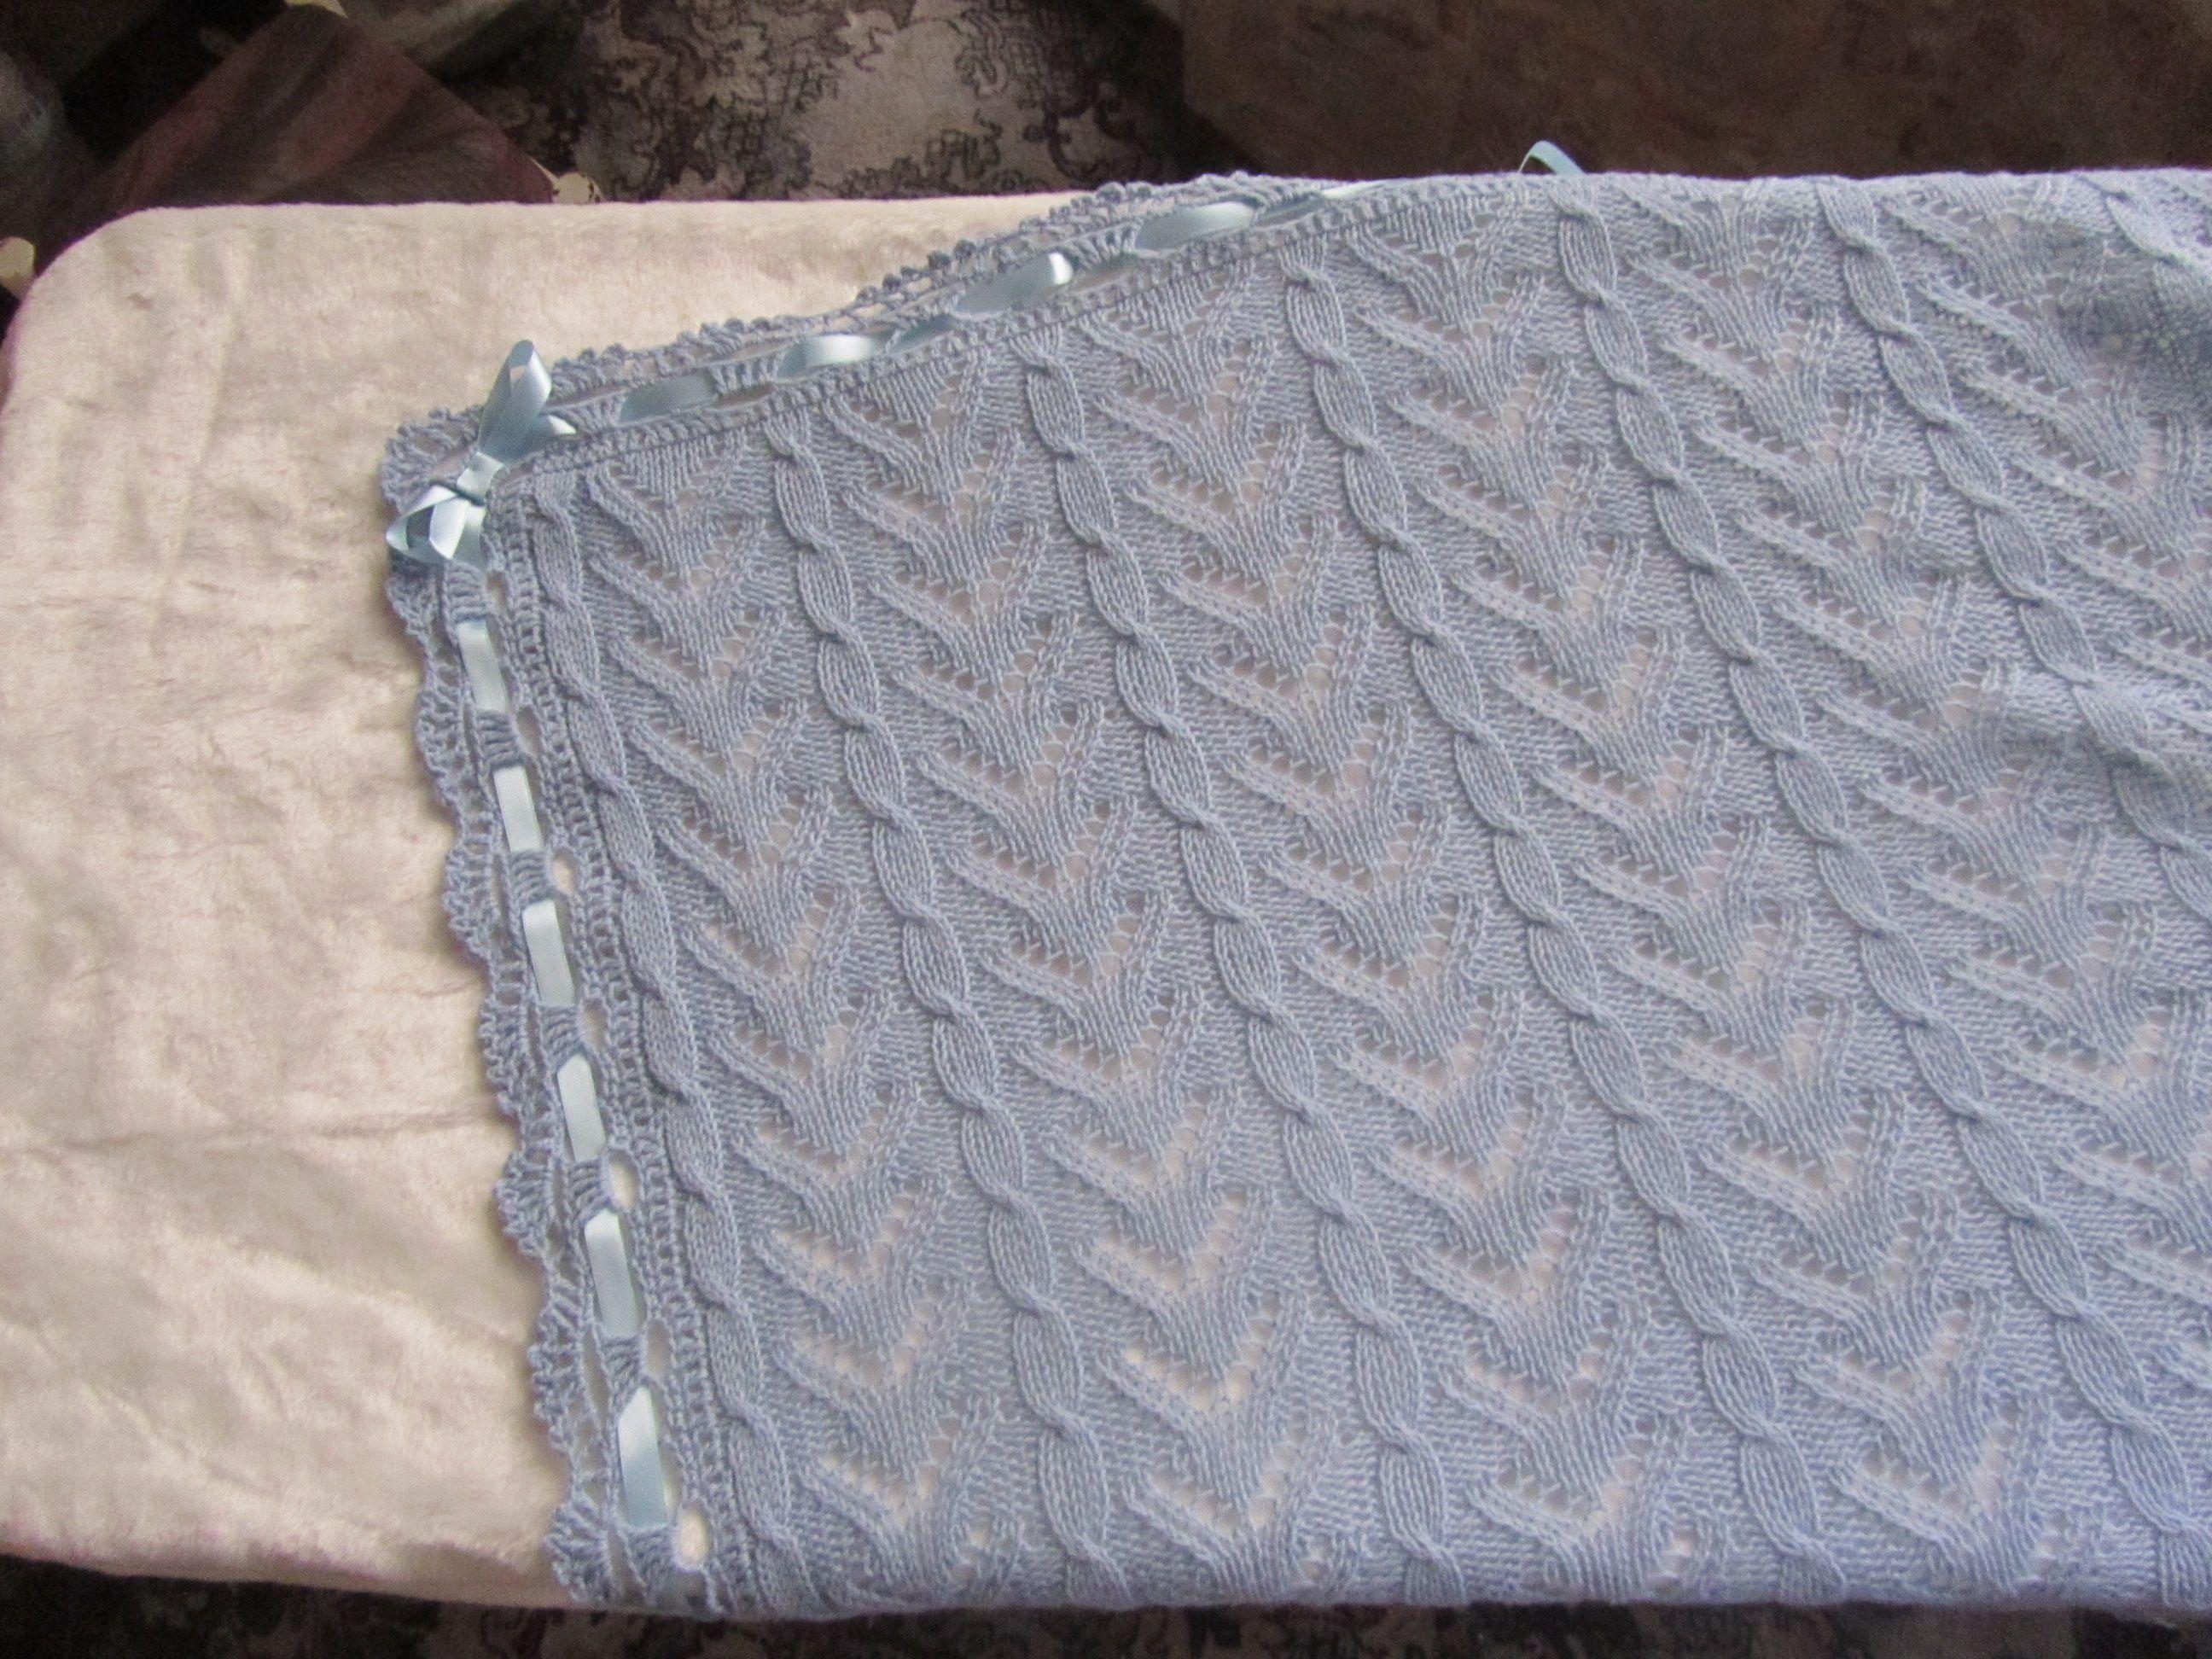 уютная диван вещи гостинной зимний вещь ажурный спальной шерстяной украшение вязаный декоративная интерьерная в интерьер плед